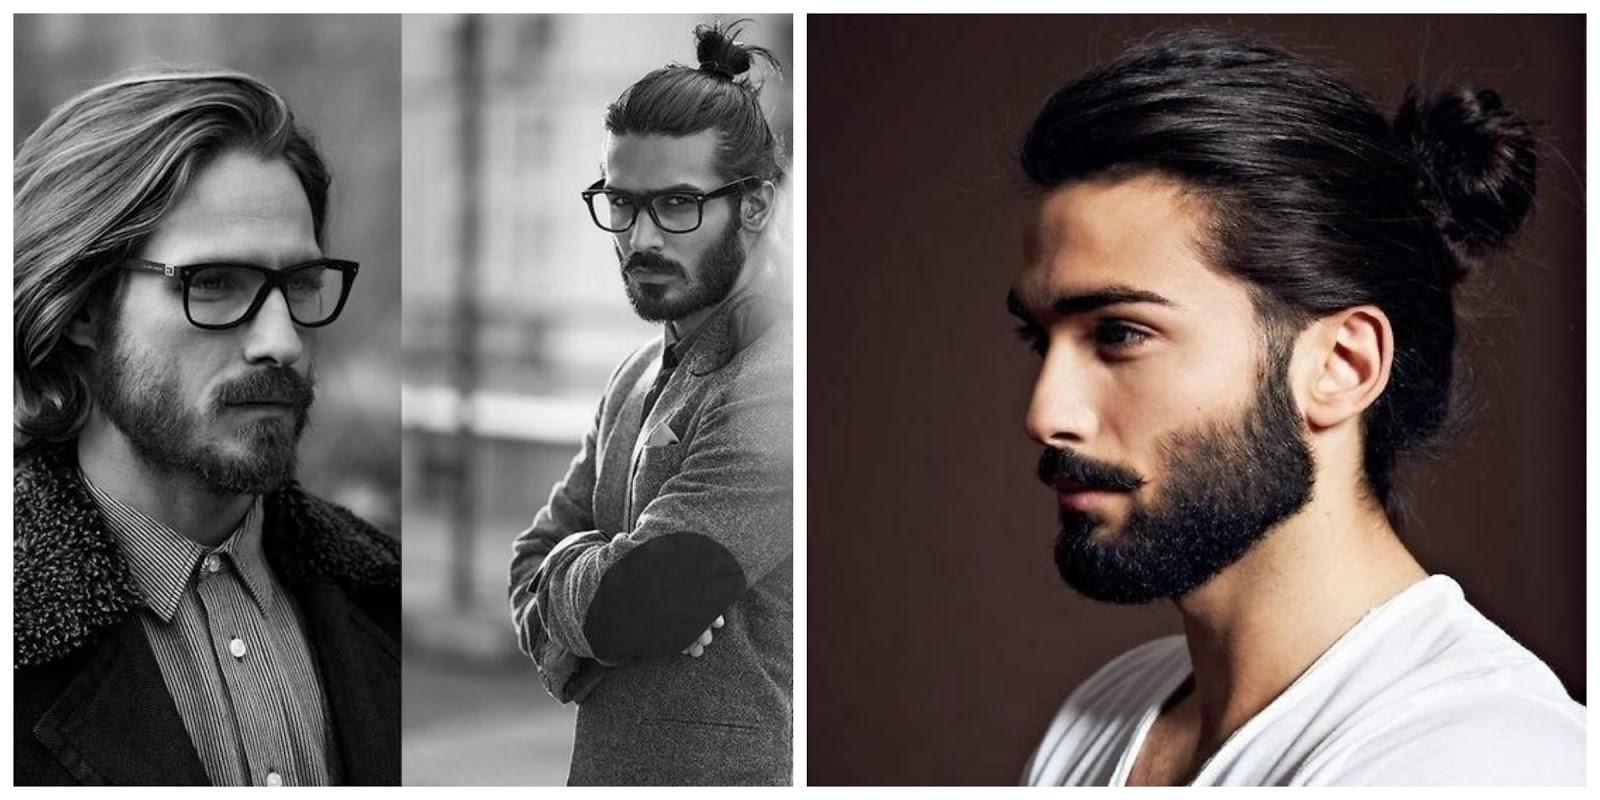 Lo mejor en cortes y peinados para hombres artes davinci - Peinados de hombres ...